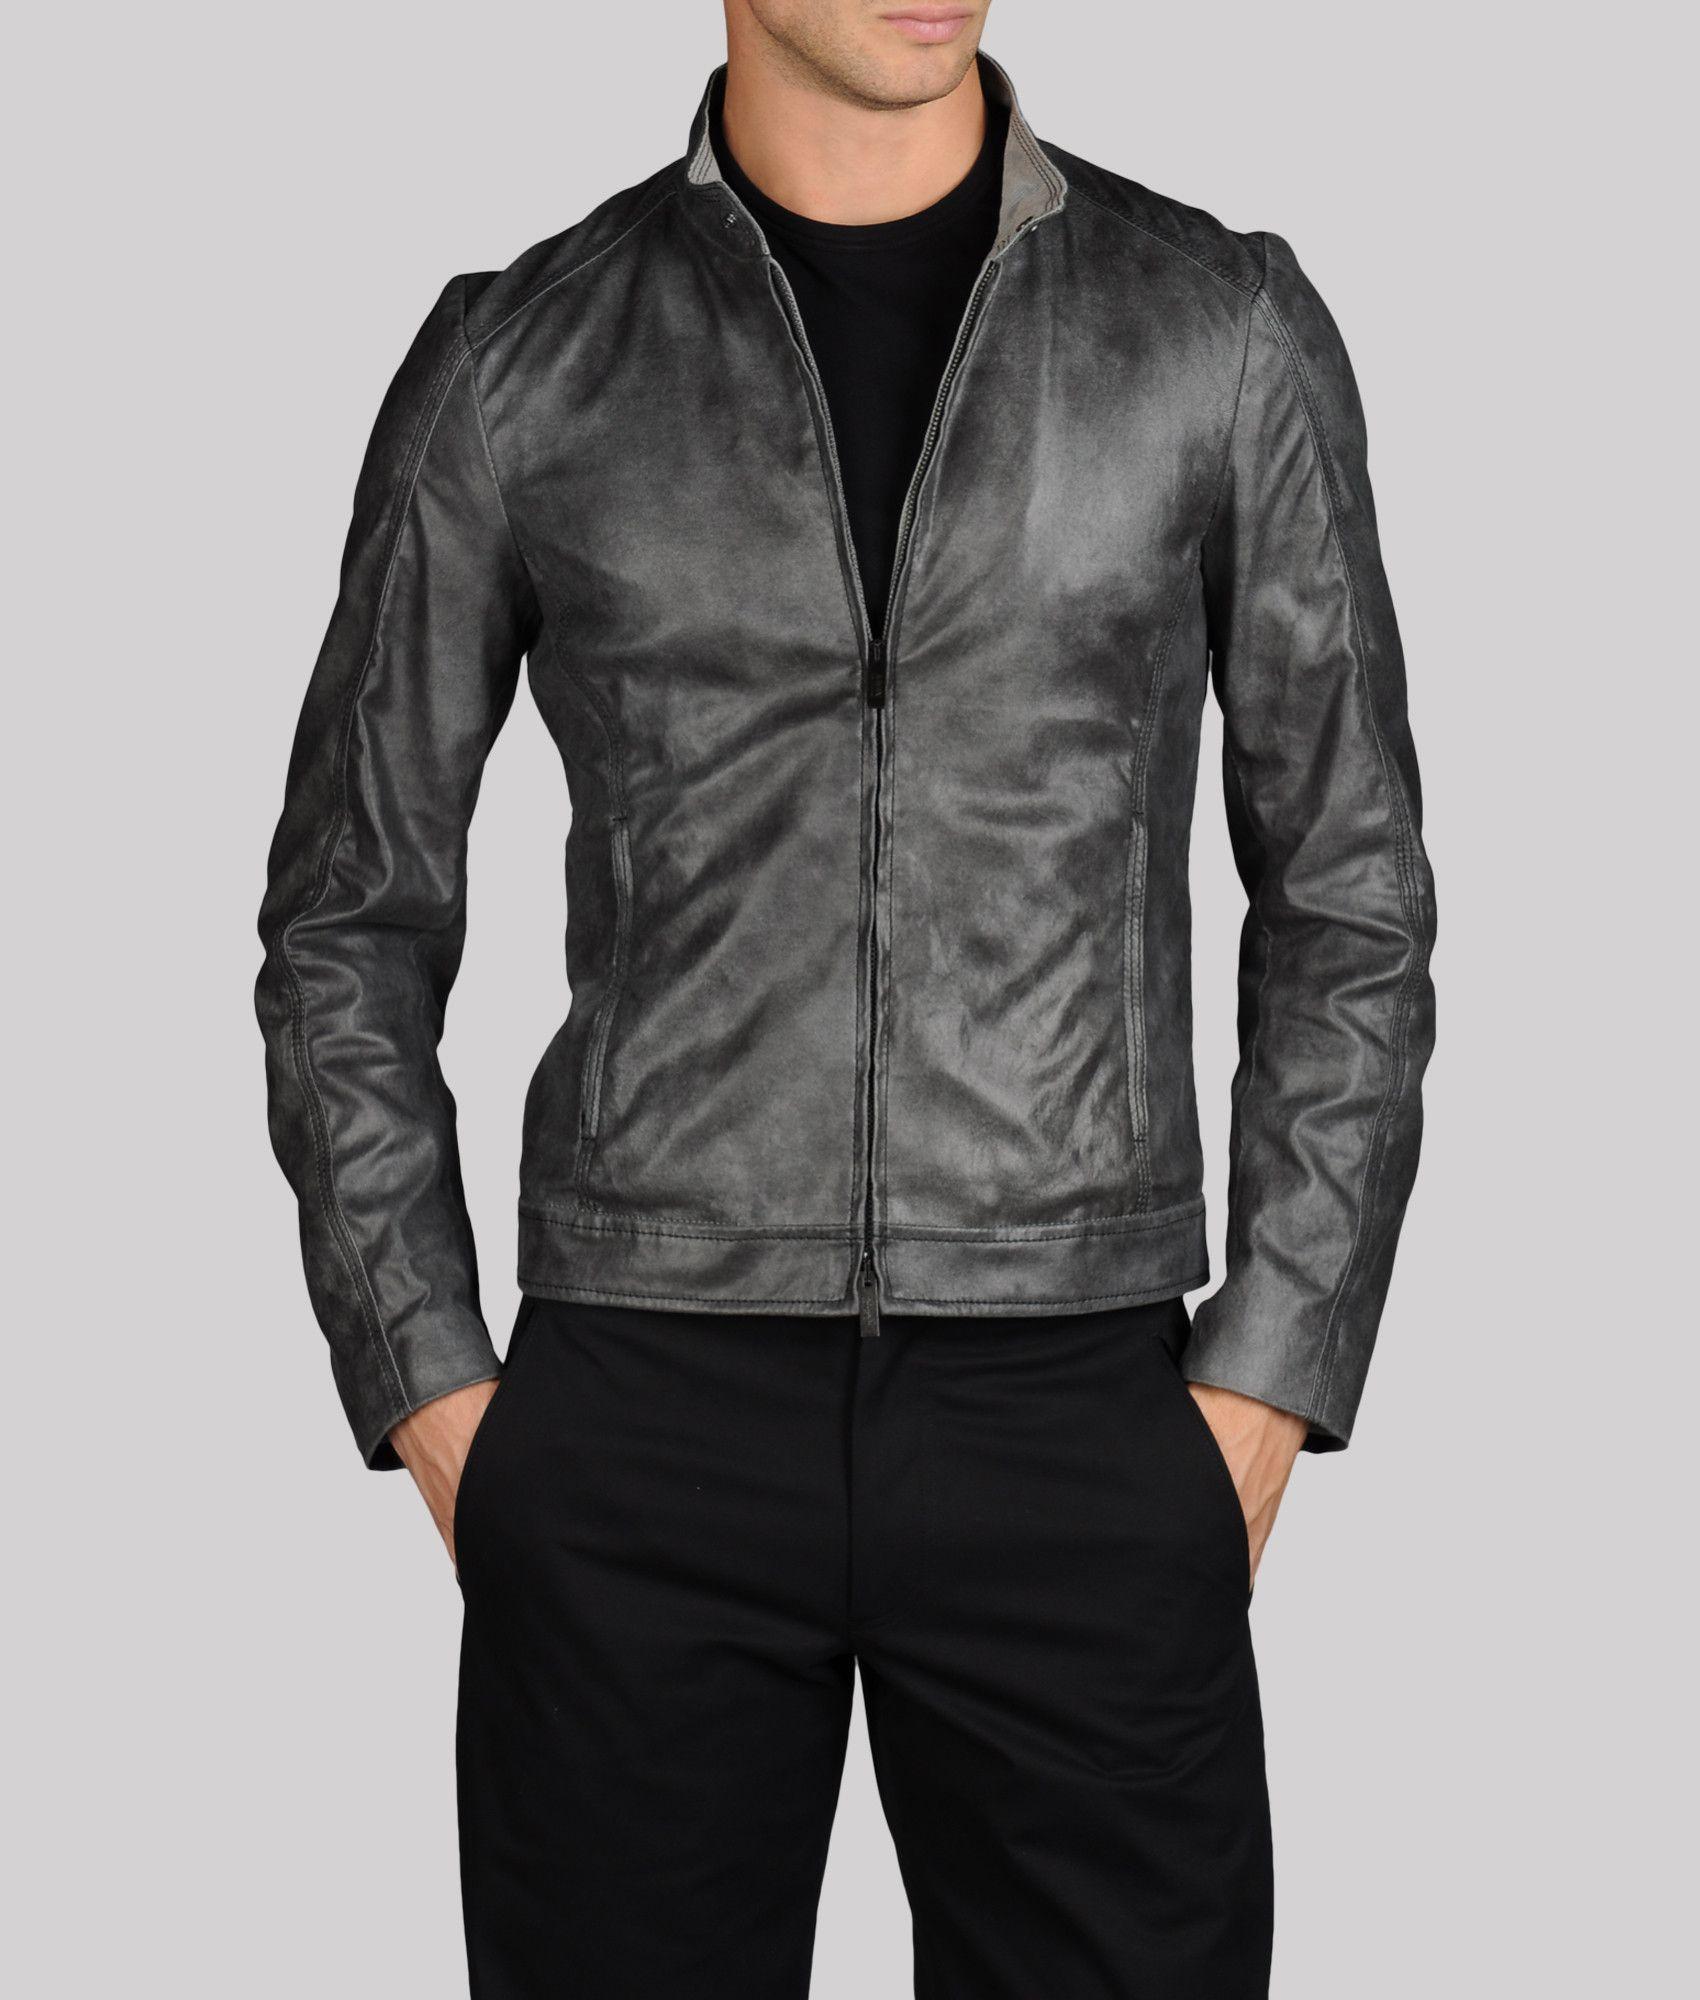 Armani Collezioni Official Online Store Men Leather Jacket Leather Jacket Leather Jacket Men Jackets [ 2000 x 1700 Pixel ]